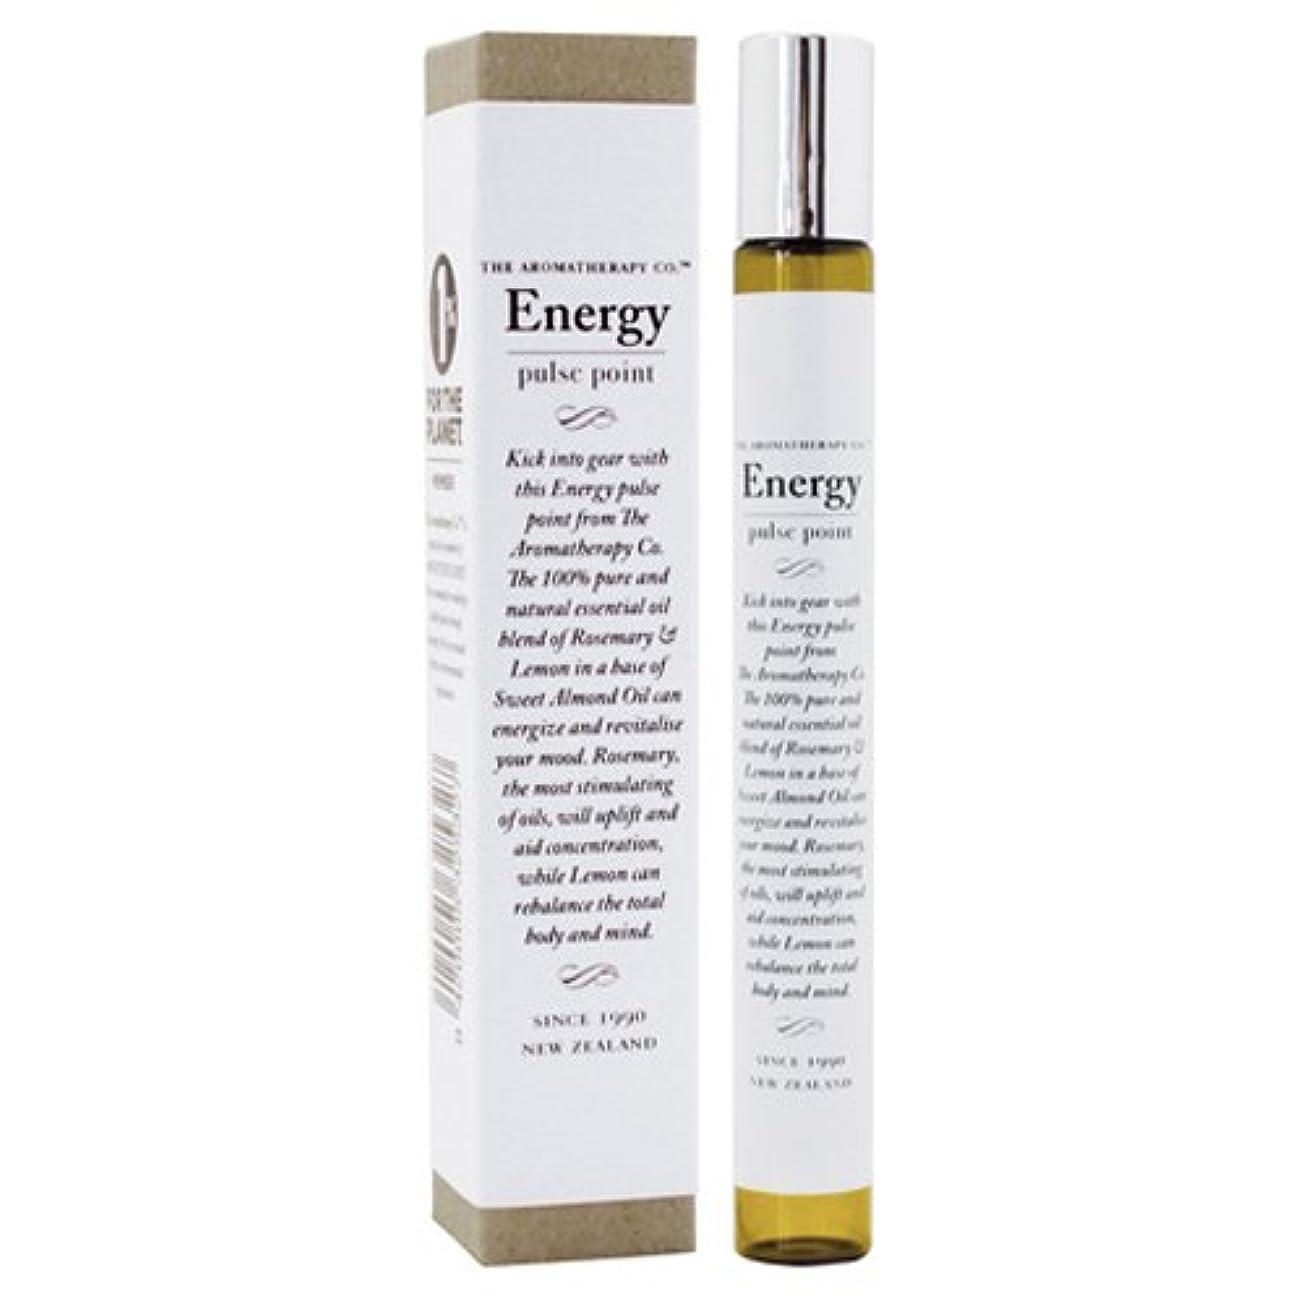 インストールリングバック減衰アロマセラピーカンパニー Therapy Range セラピーレンジ パルスポイント エナジー ロールオンパフューム Energy